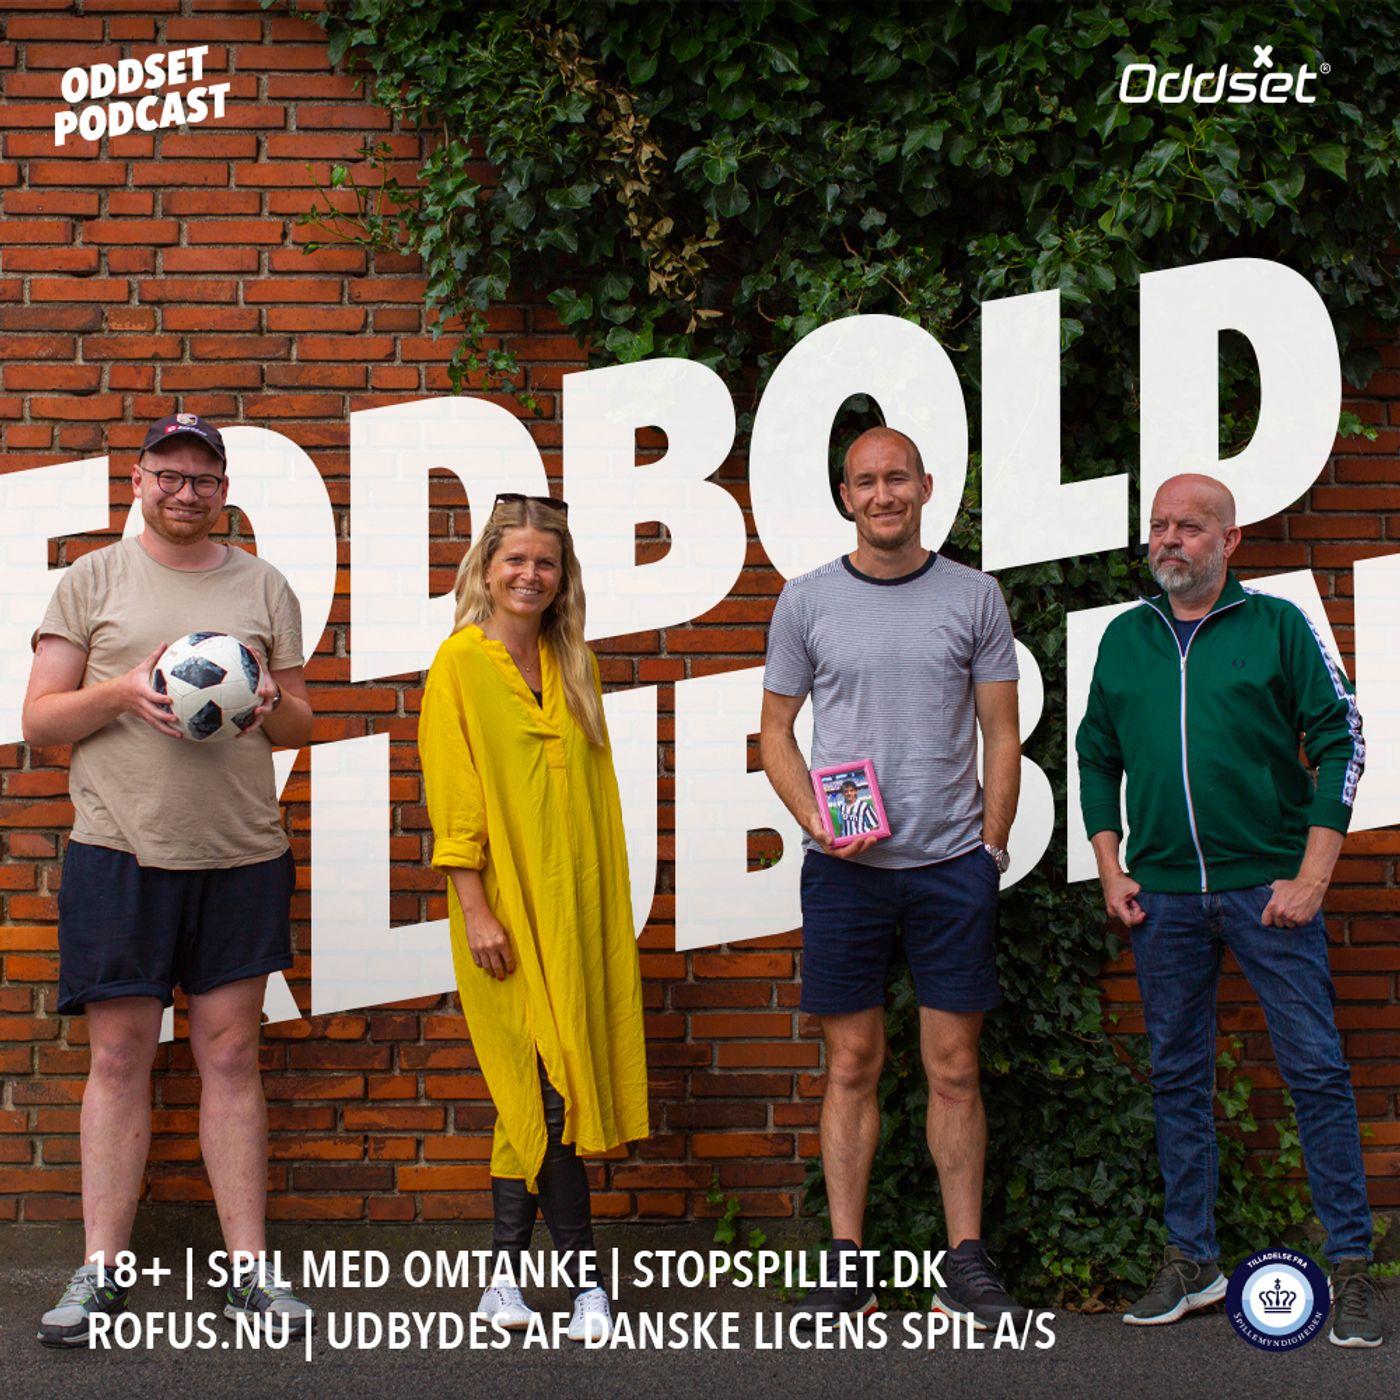 Afsnit 22 - Med Thomas Kahlenberg og Heidi Frederikke